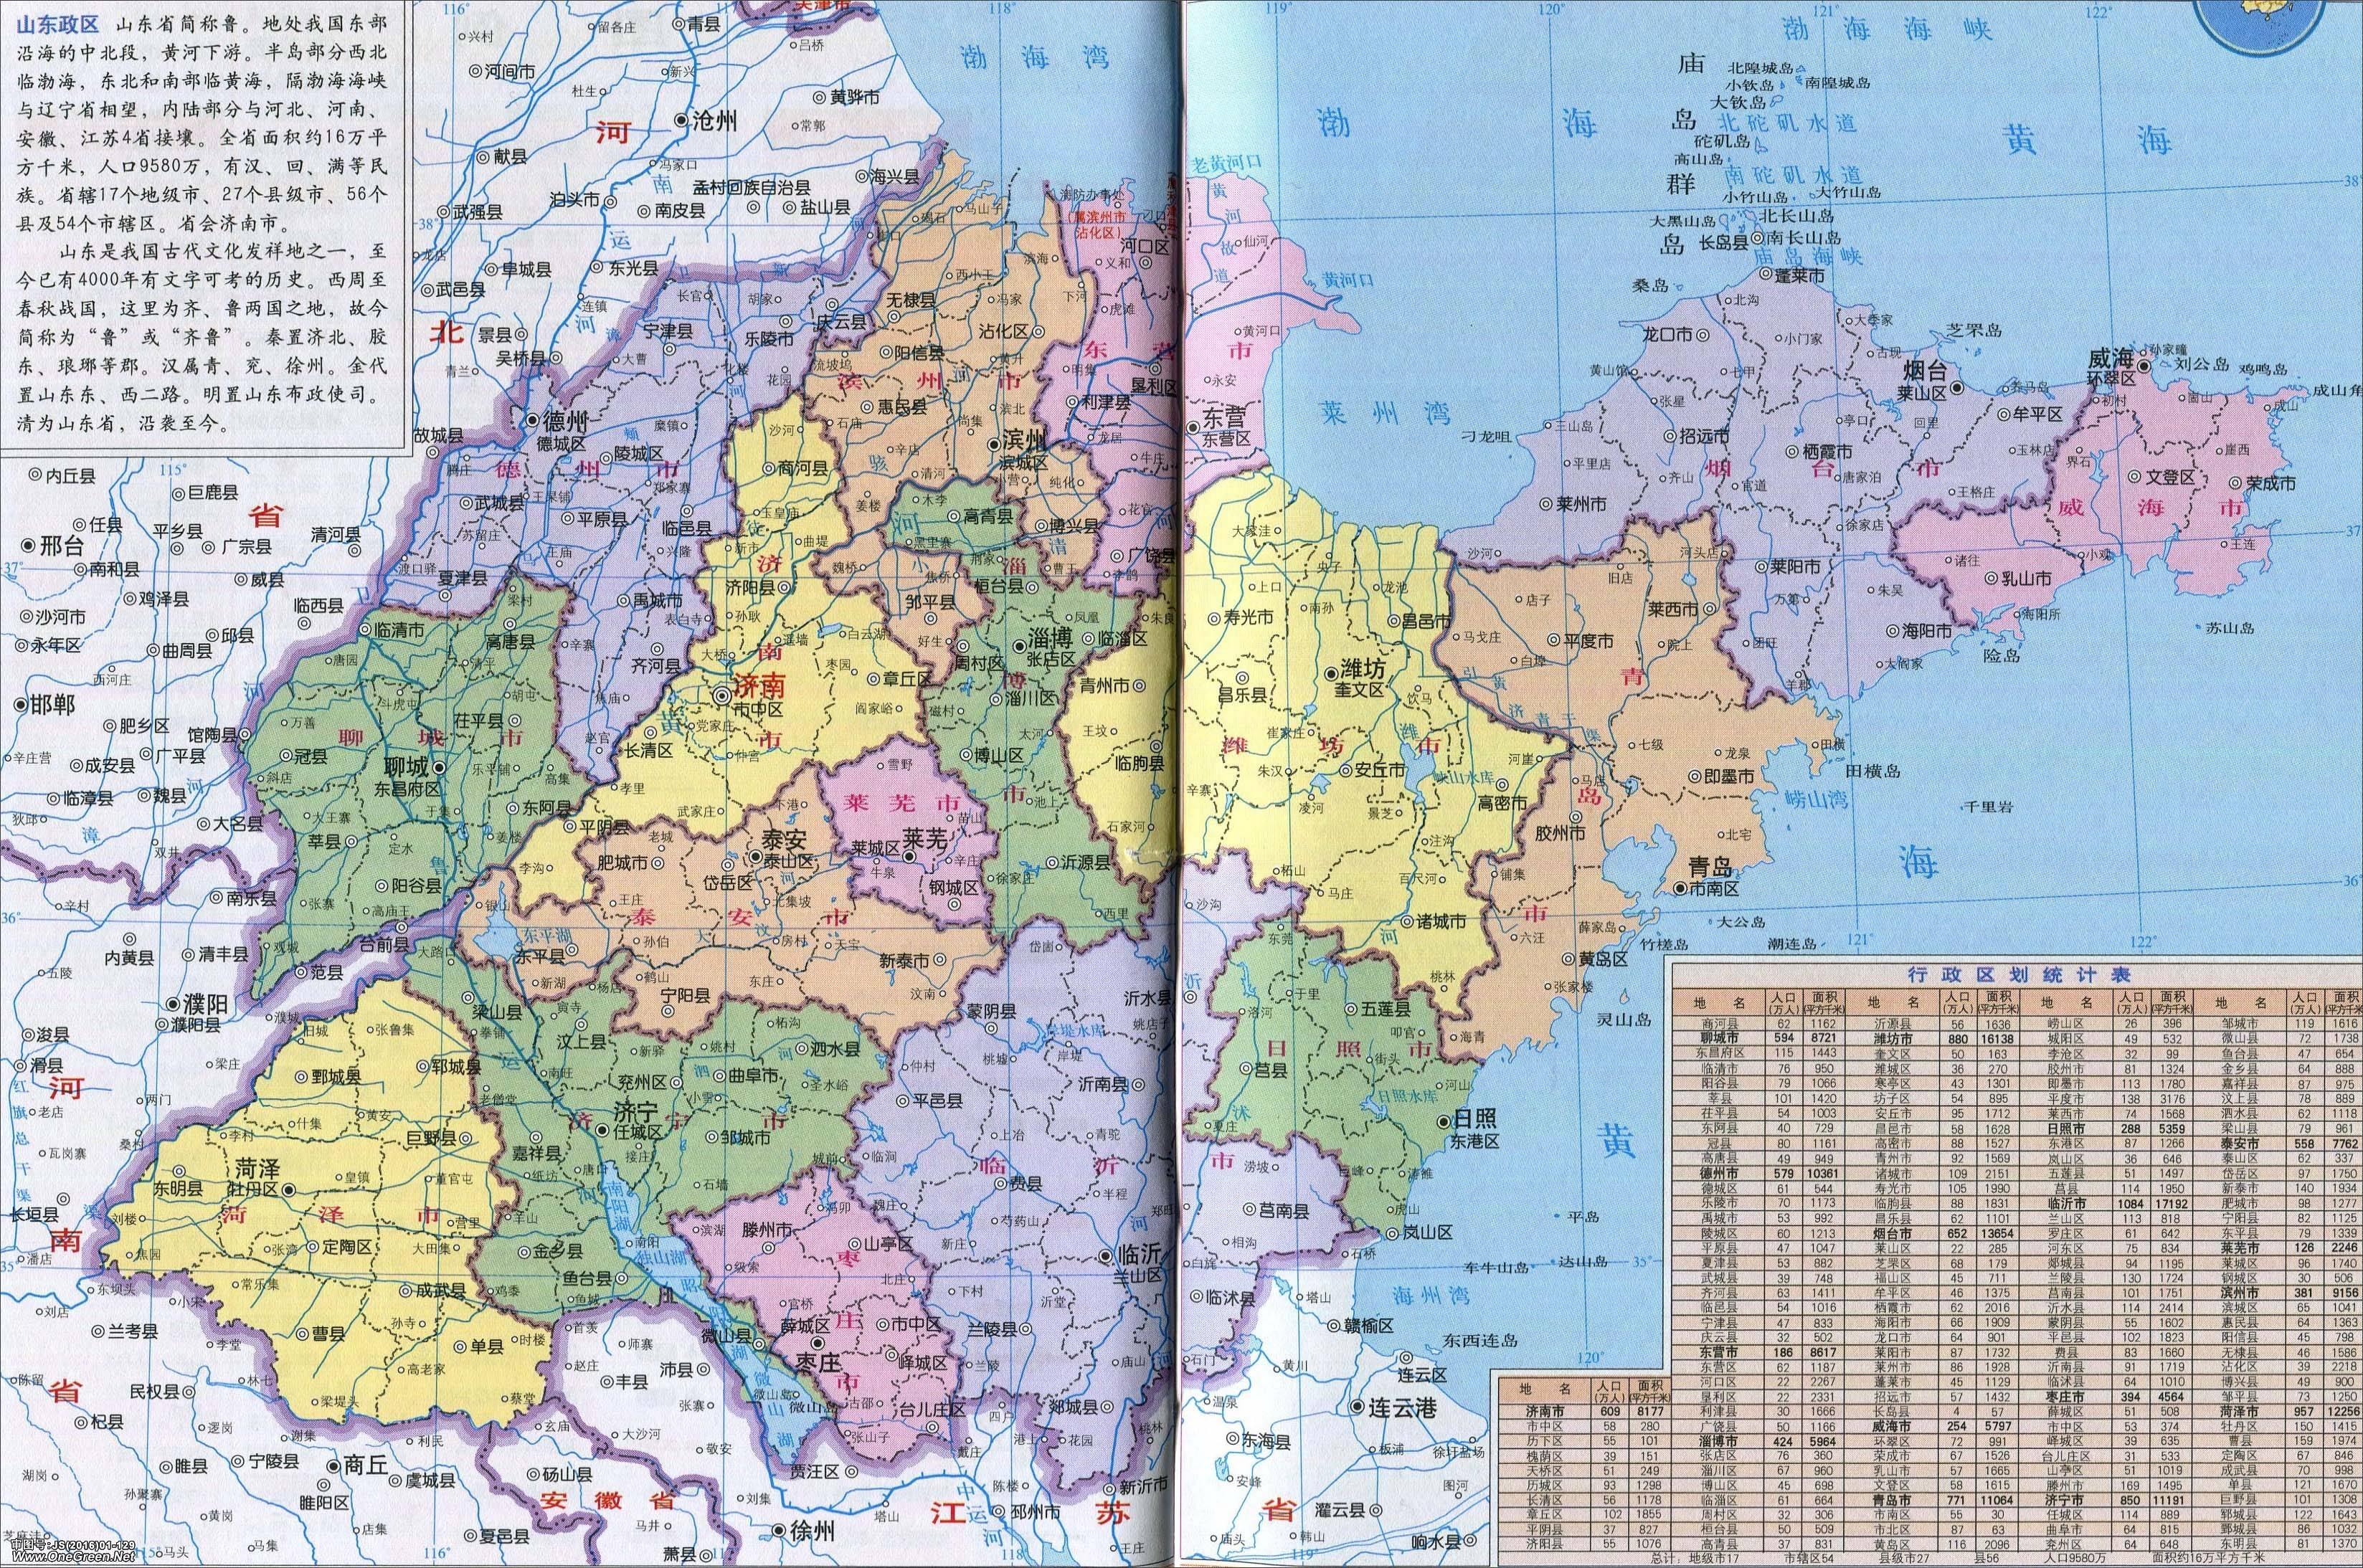 山东风景旅游图地图